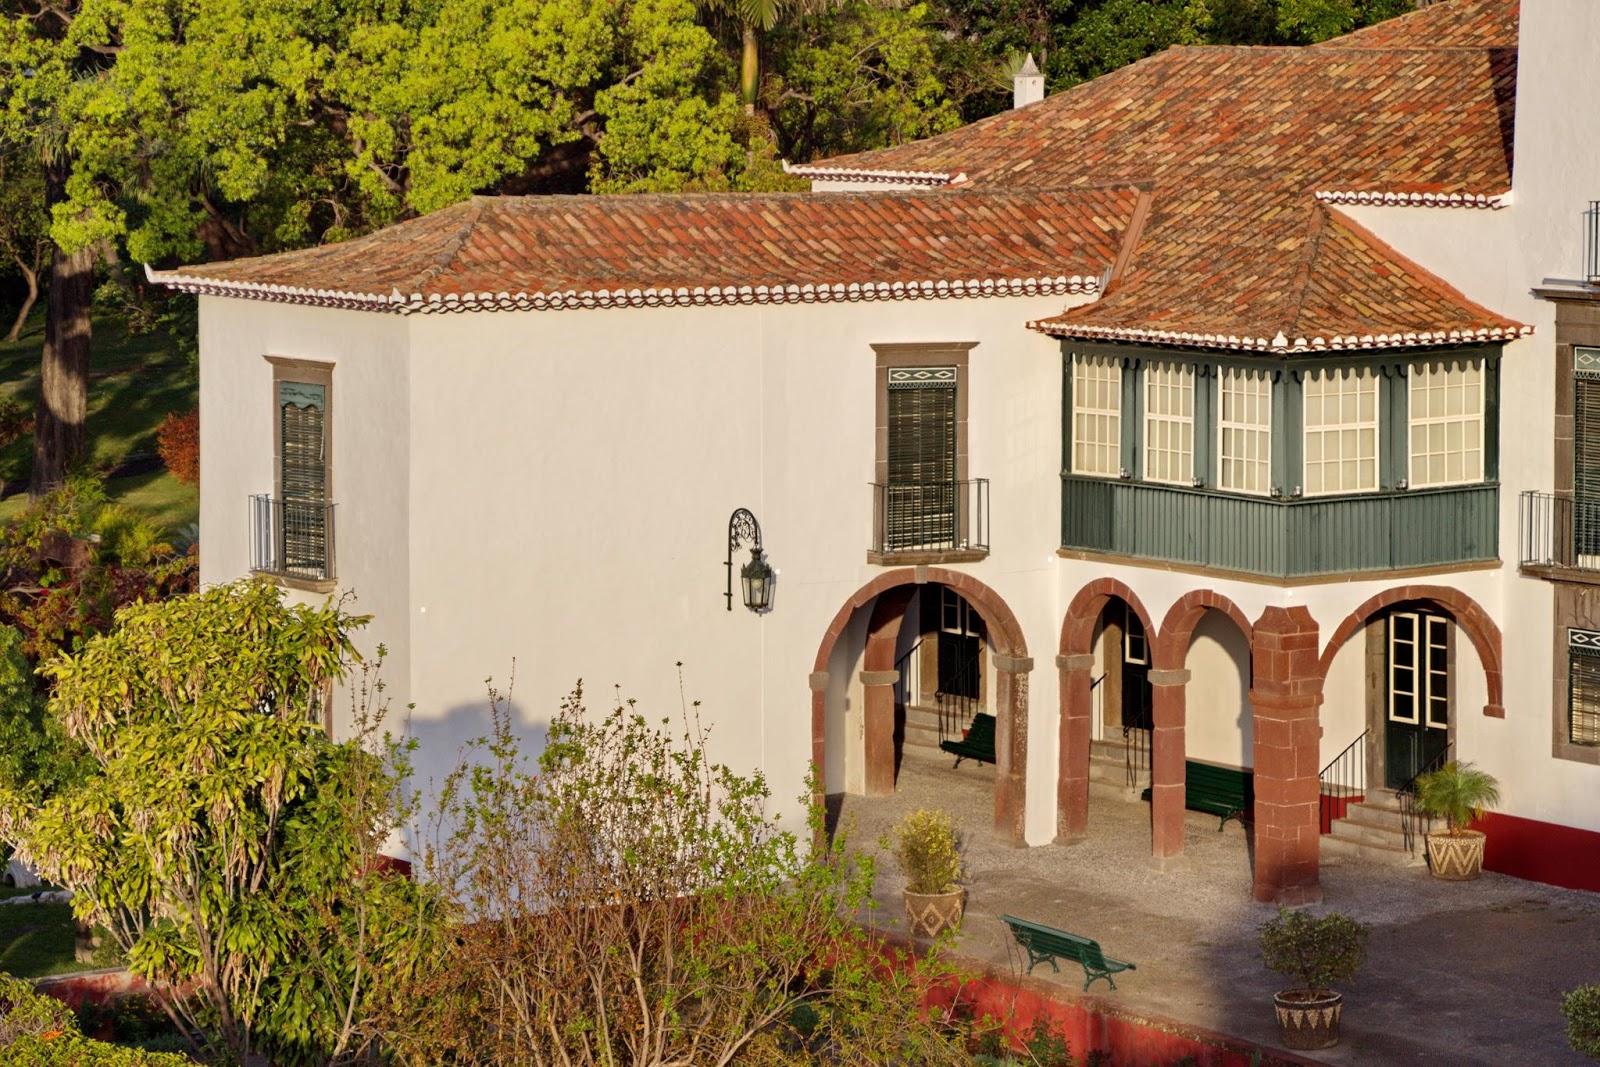 o Museu Quinta das Cruzes recuperado